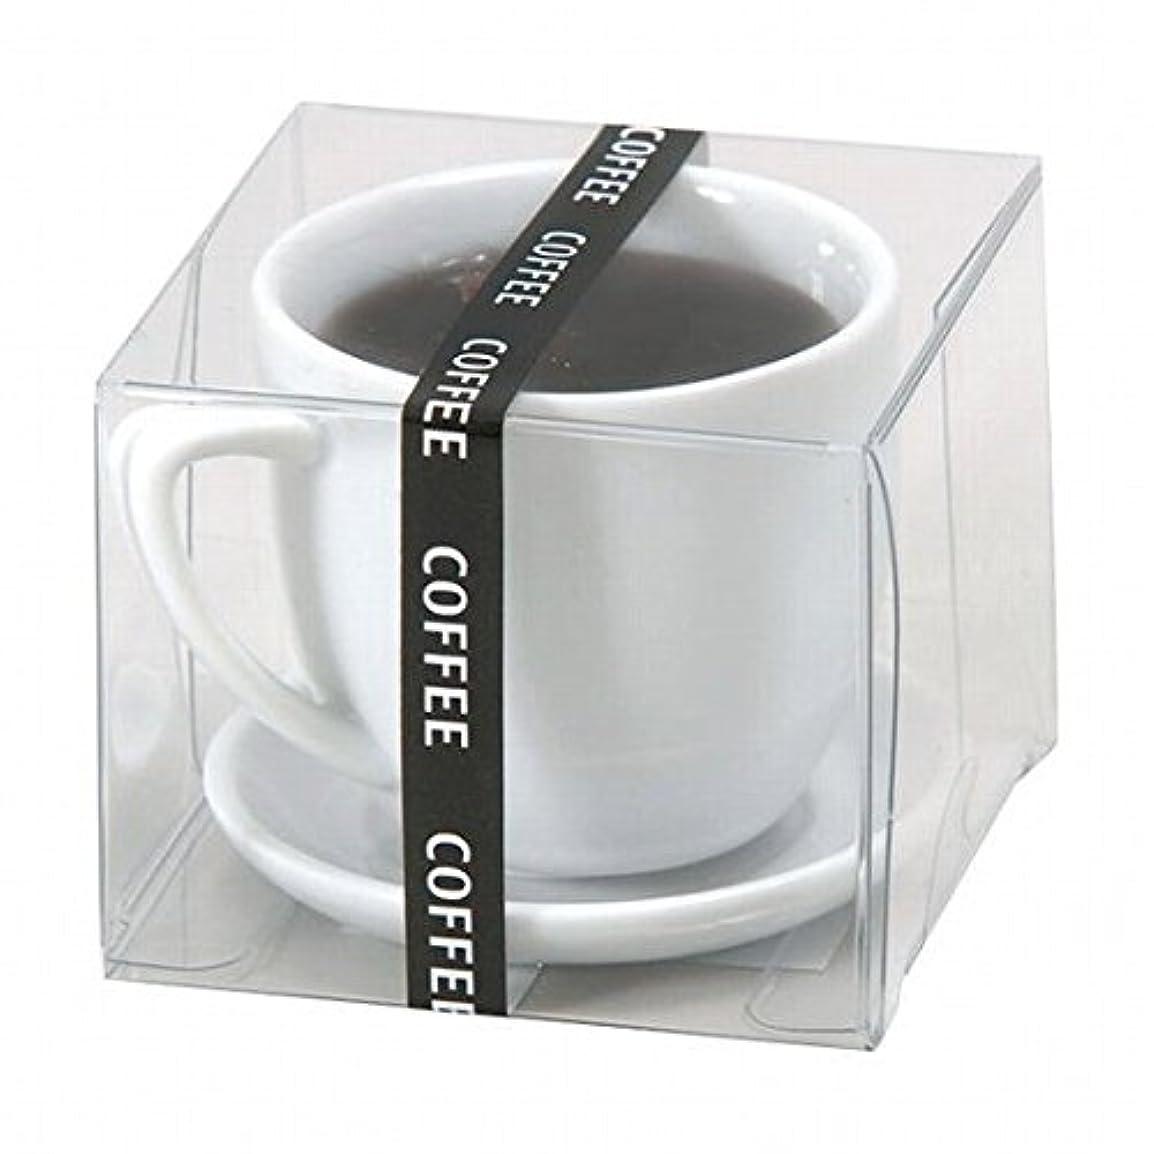 安定した民主党空気kameyama candle(カメヤマキャンドル) ホットコーヒー キャンドル(55890000)